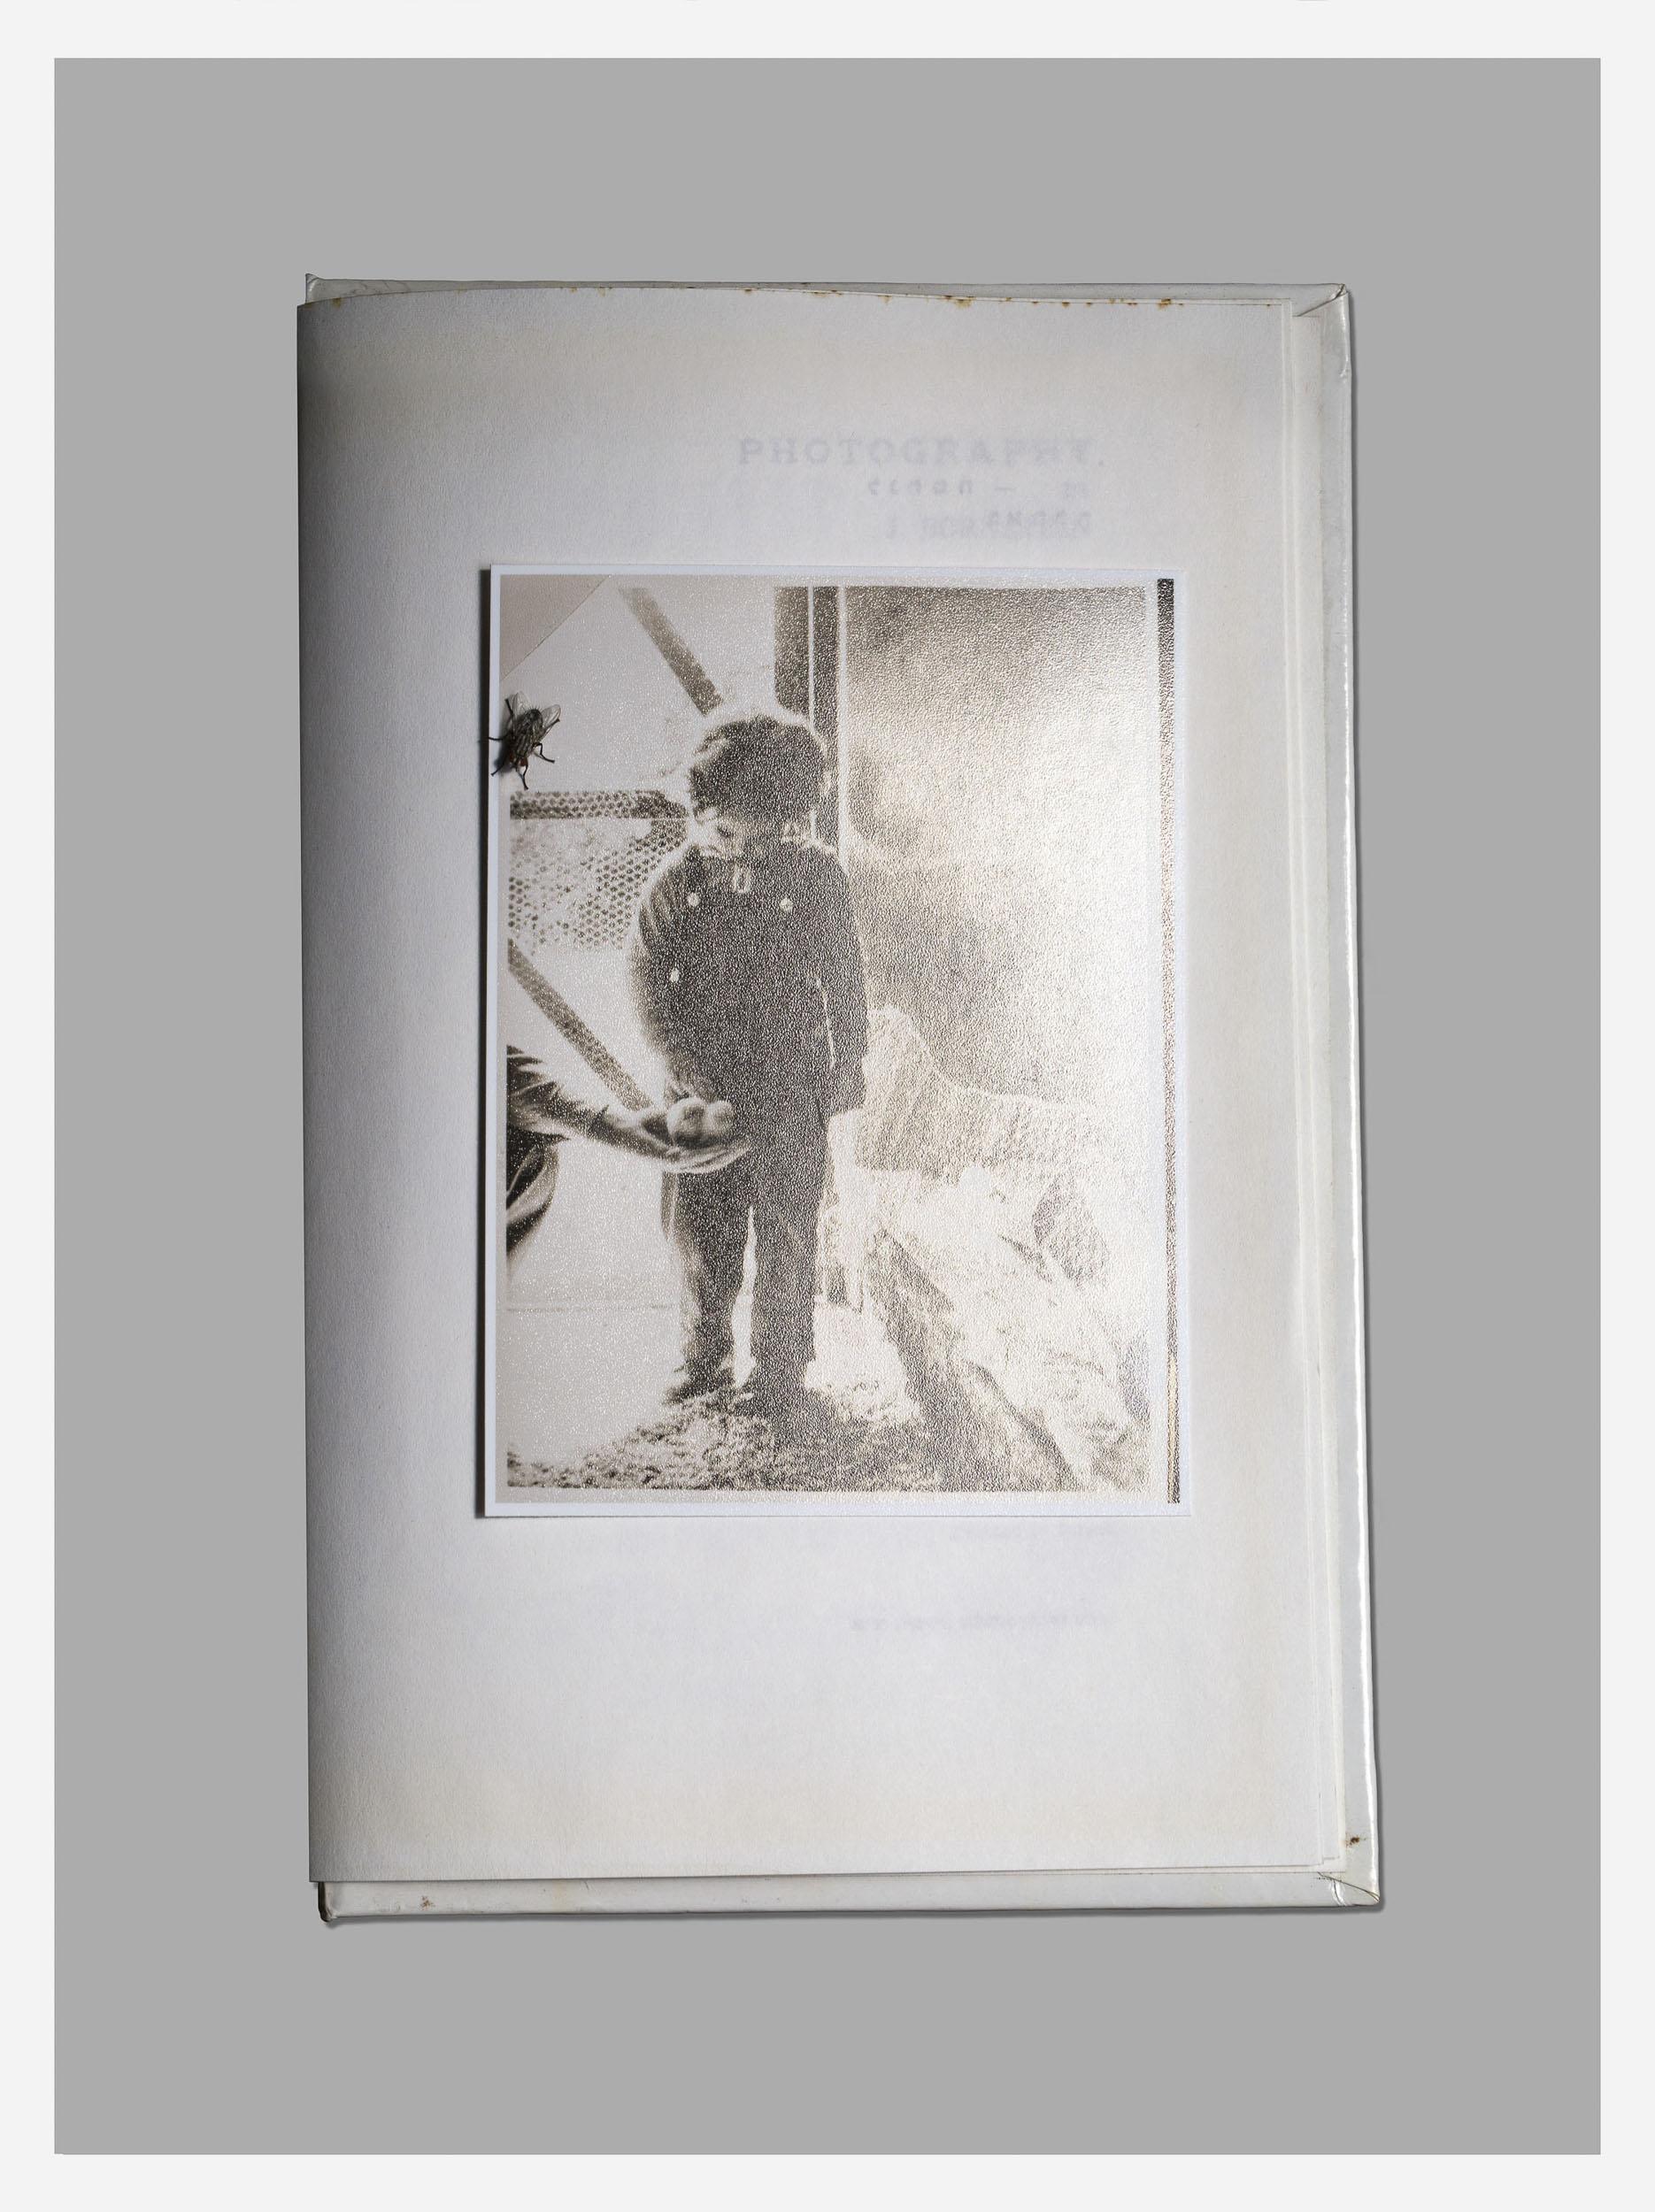 Mom Fly, 27.5*20.4 inch, Archival Inkjet Print